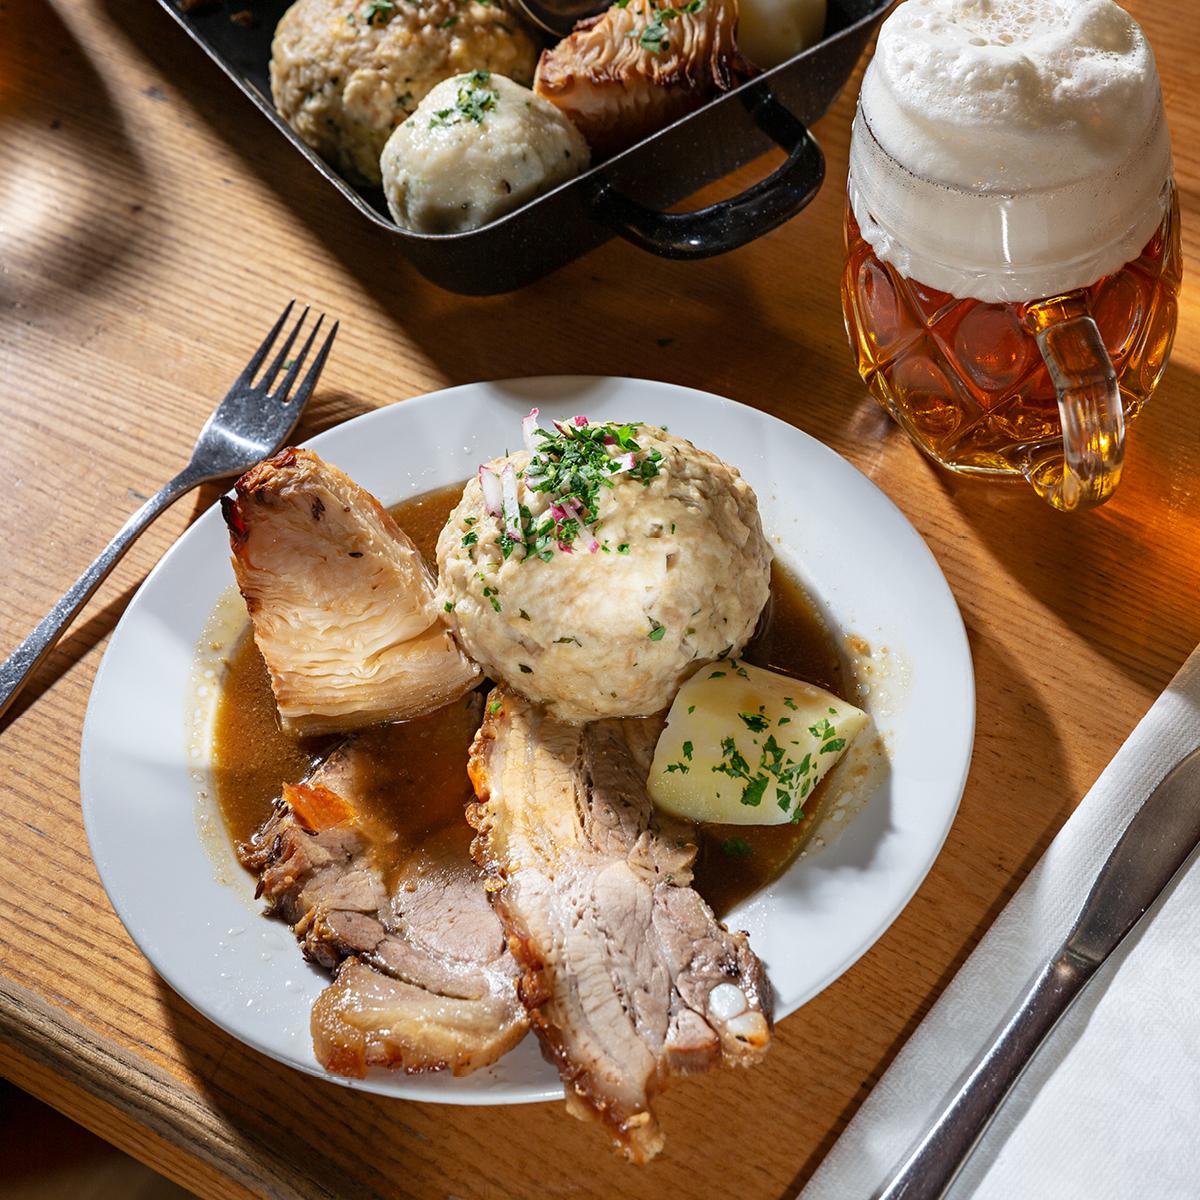 Das Bild zeigt ein köstliches Fleischgericht mit Beilagen und einem Bierglas daneben.